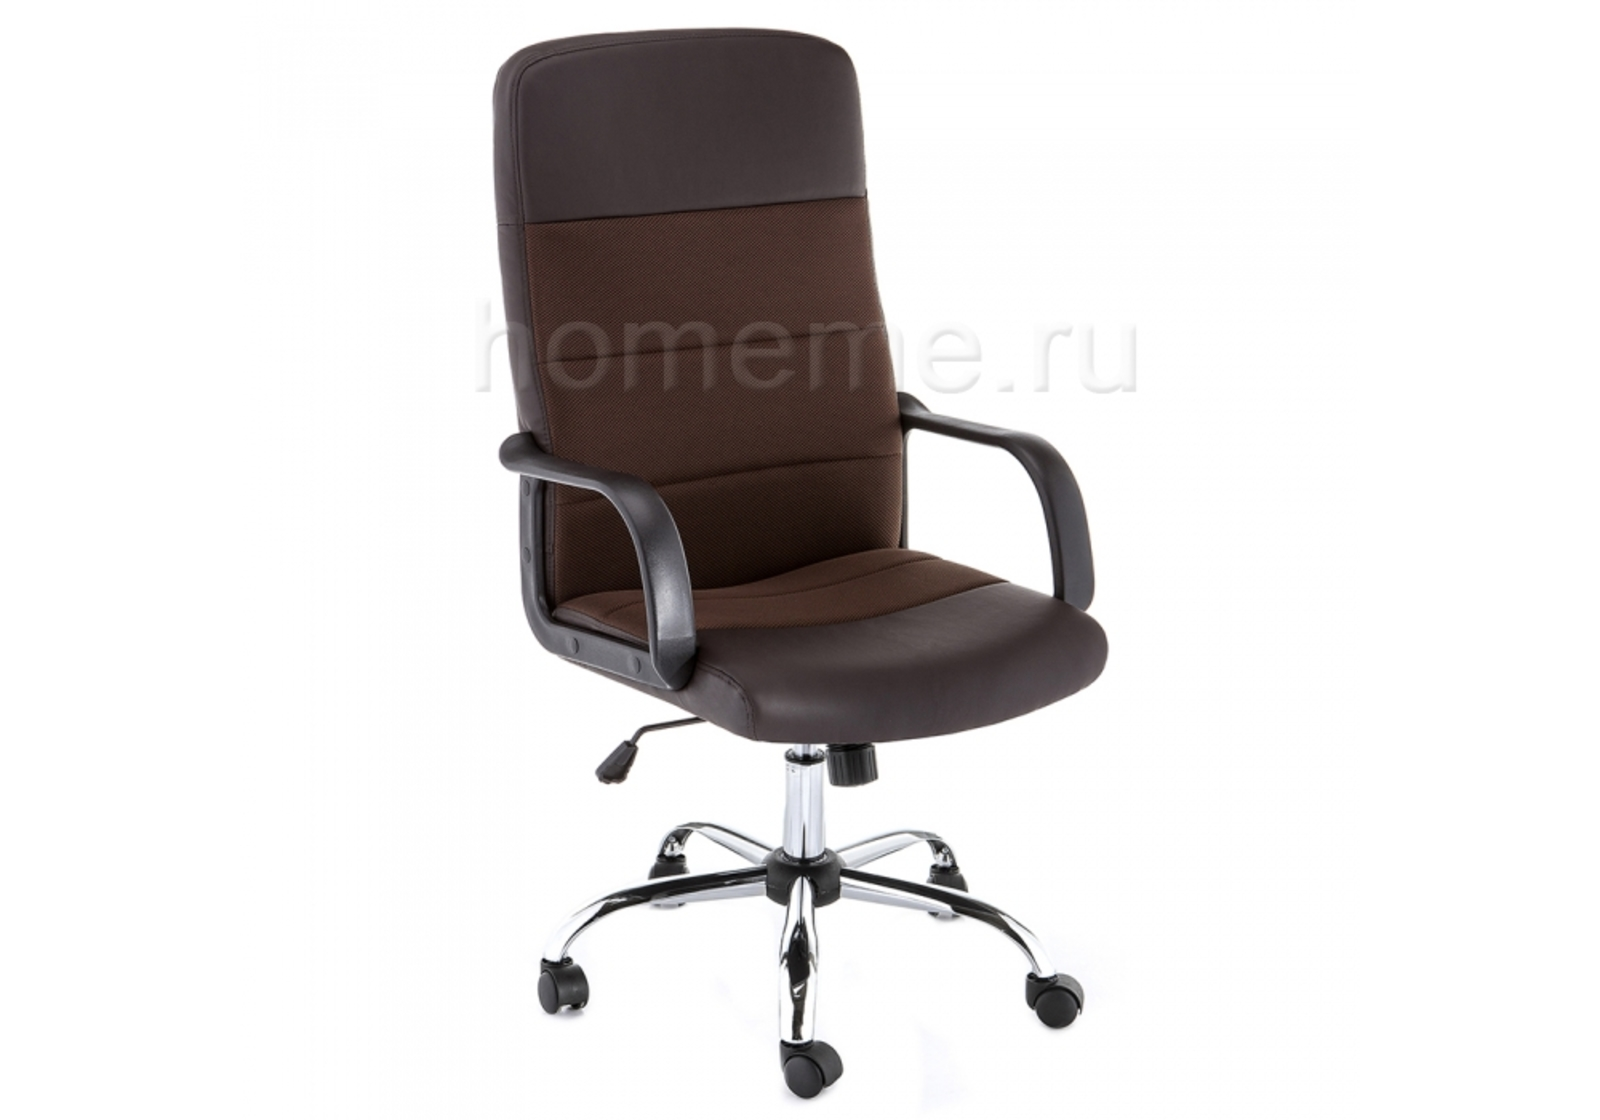 Кресло для офиса HomeMe Prosto коричневое 11281 от Homeme.ru